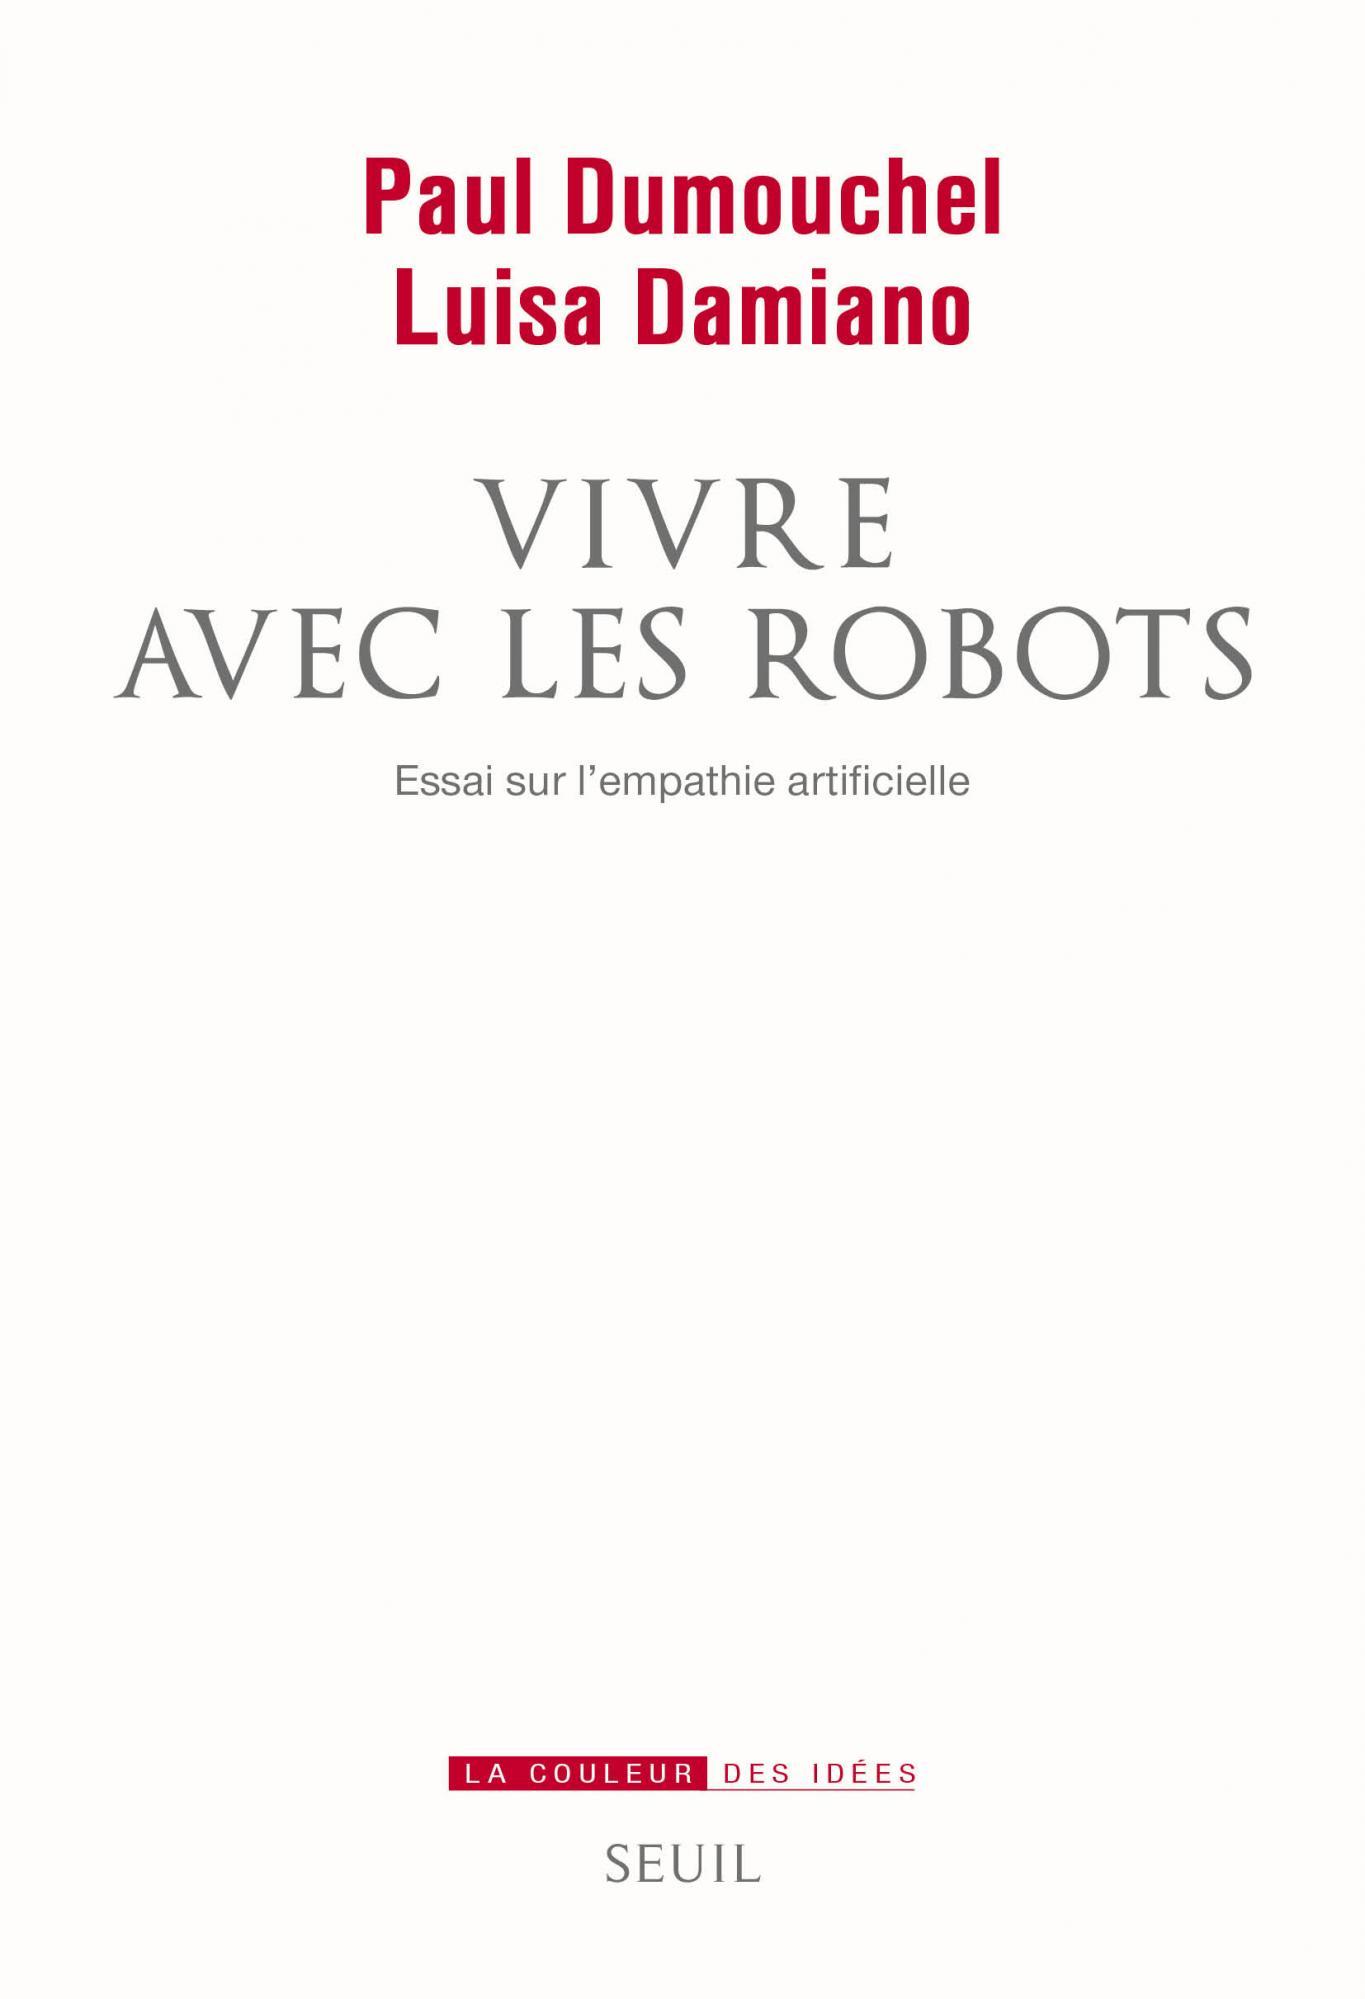 Paul Dumouchel & Luisa Damiano Vivre avec les robots cover